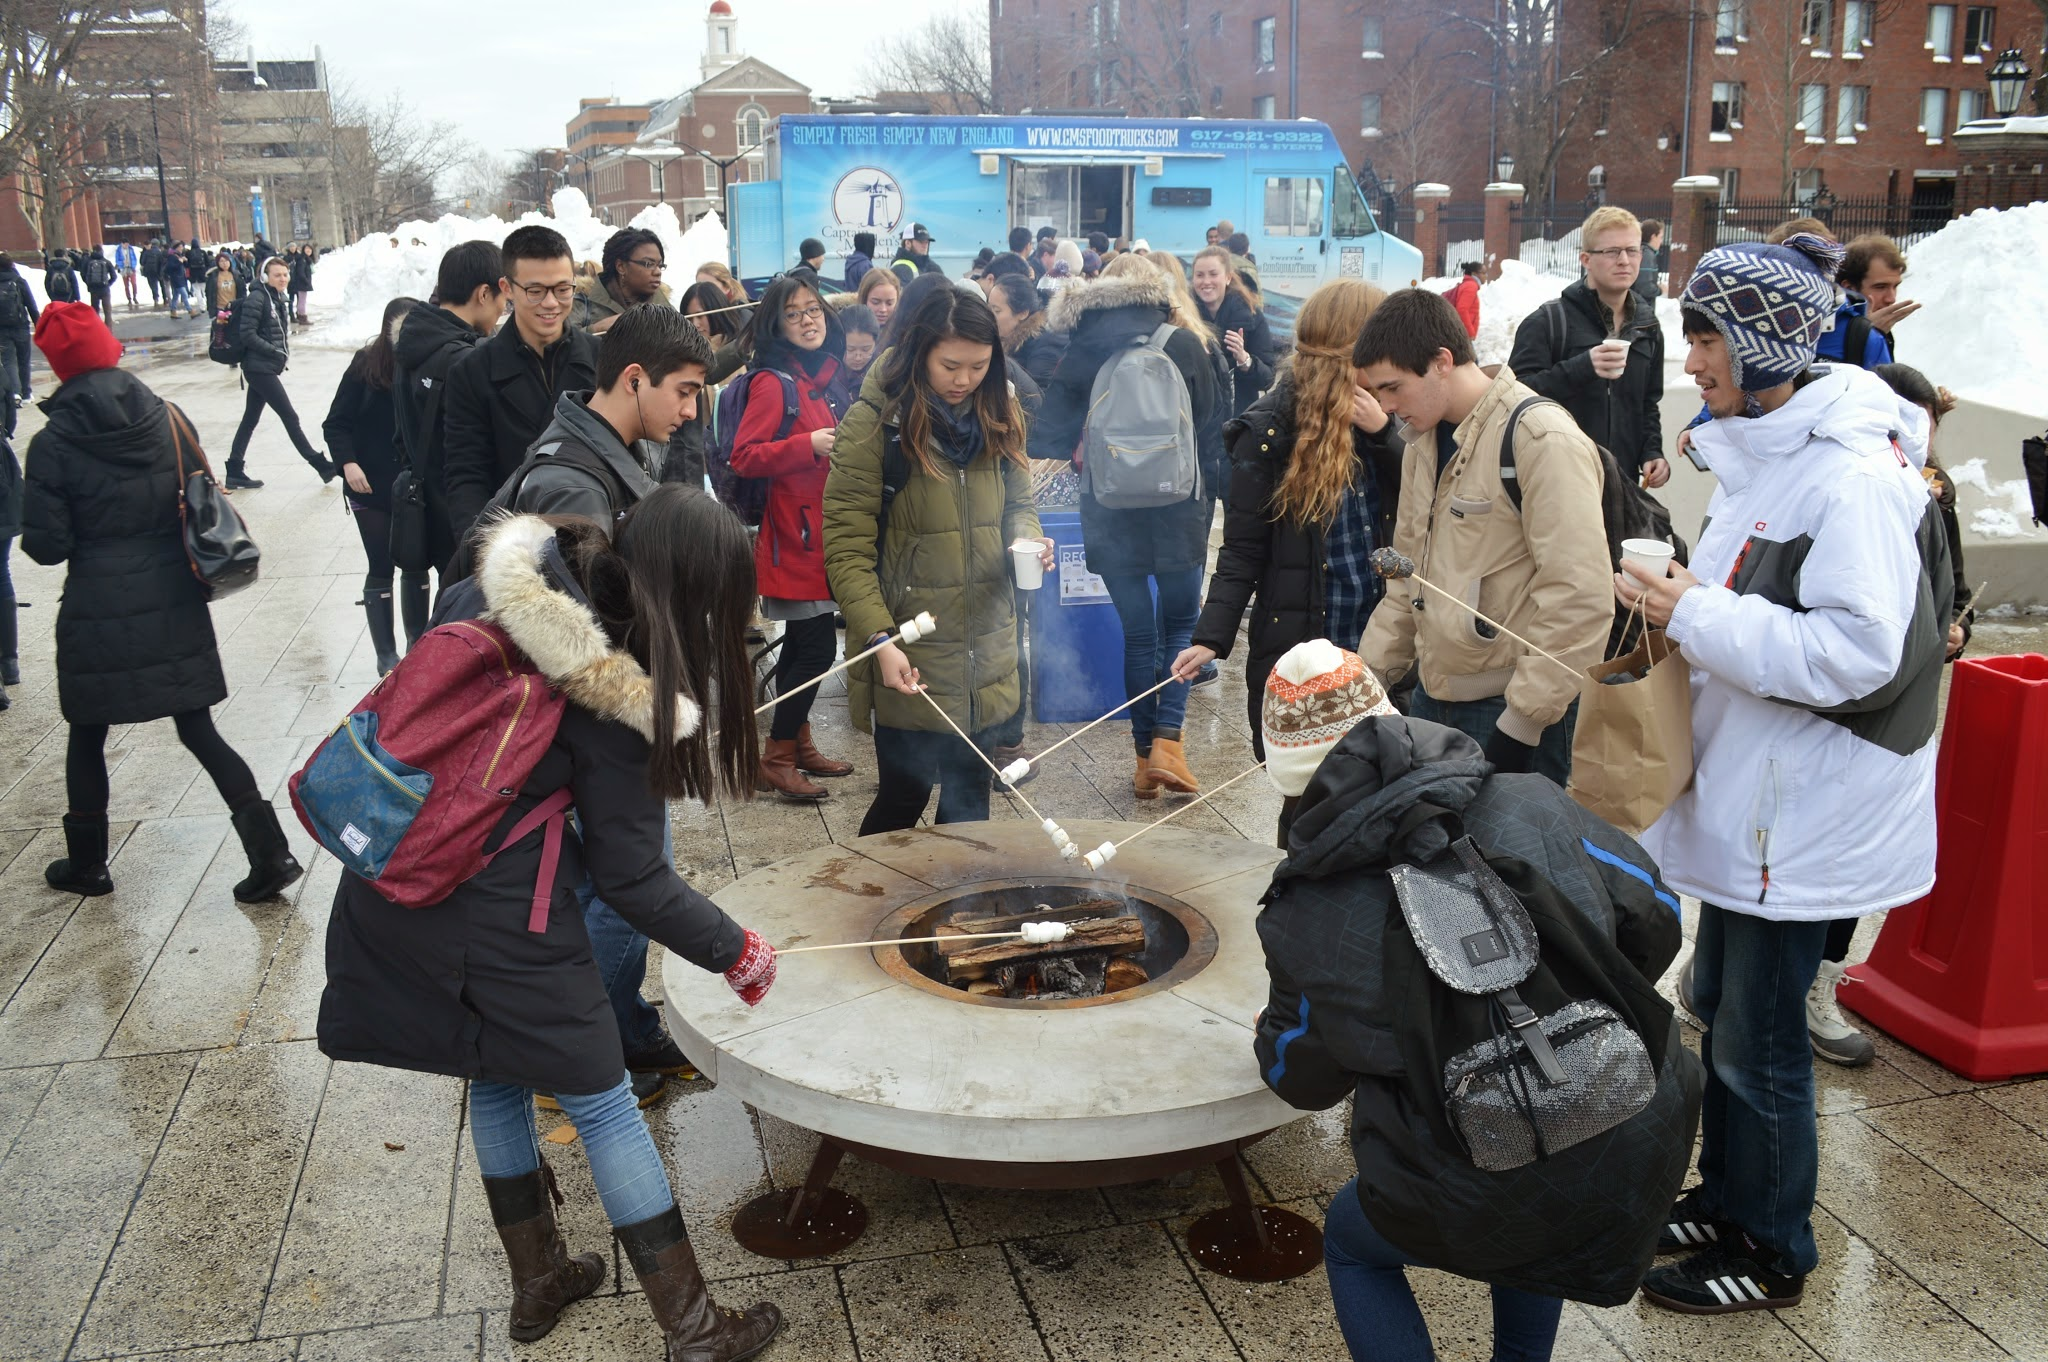 Harvard Common Spaces